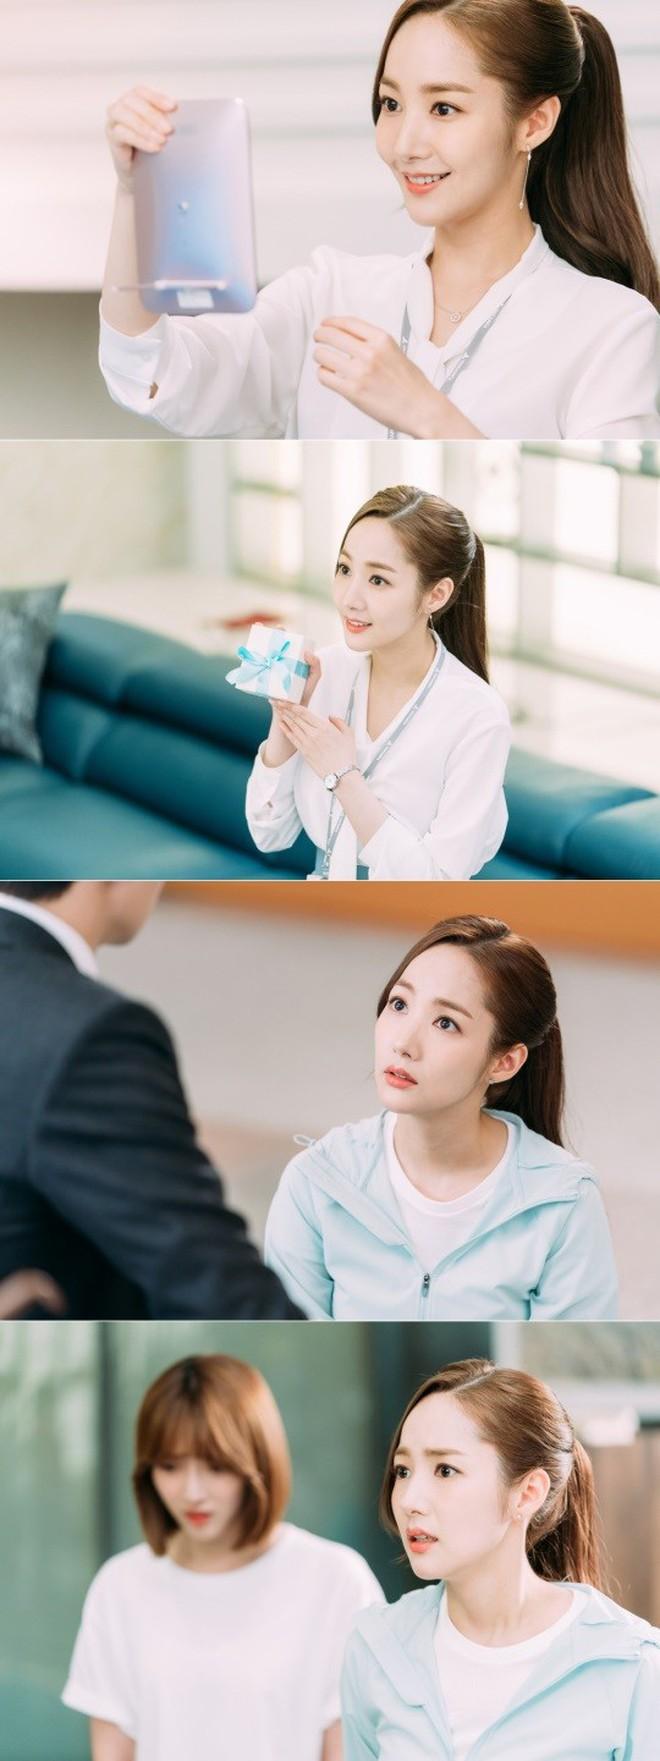 Hậu trường Thư Ký Kim: Park Seo Joon buồn thiu vì Park Min Young quá thân thiết với một người - ảnh 16